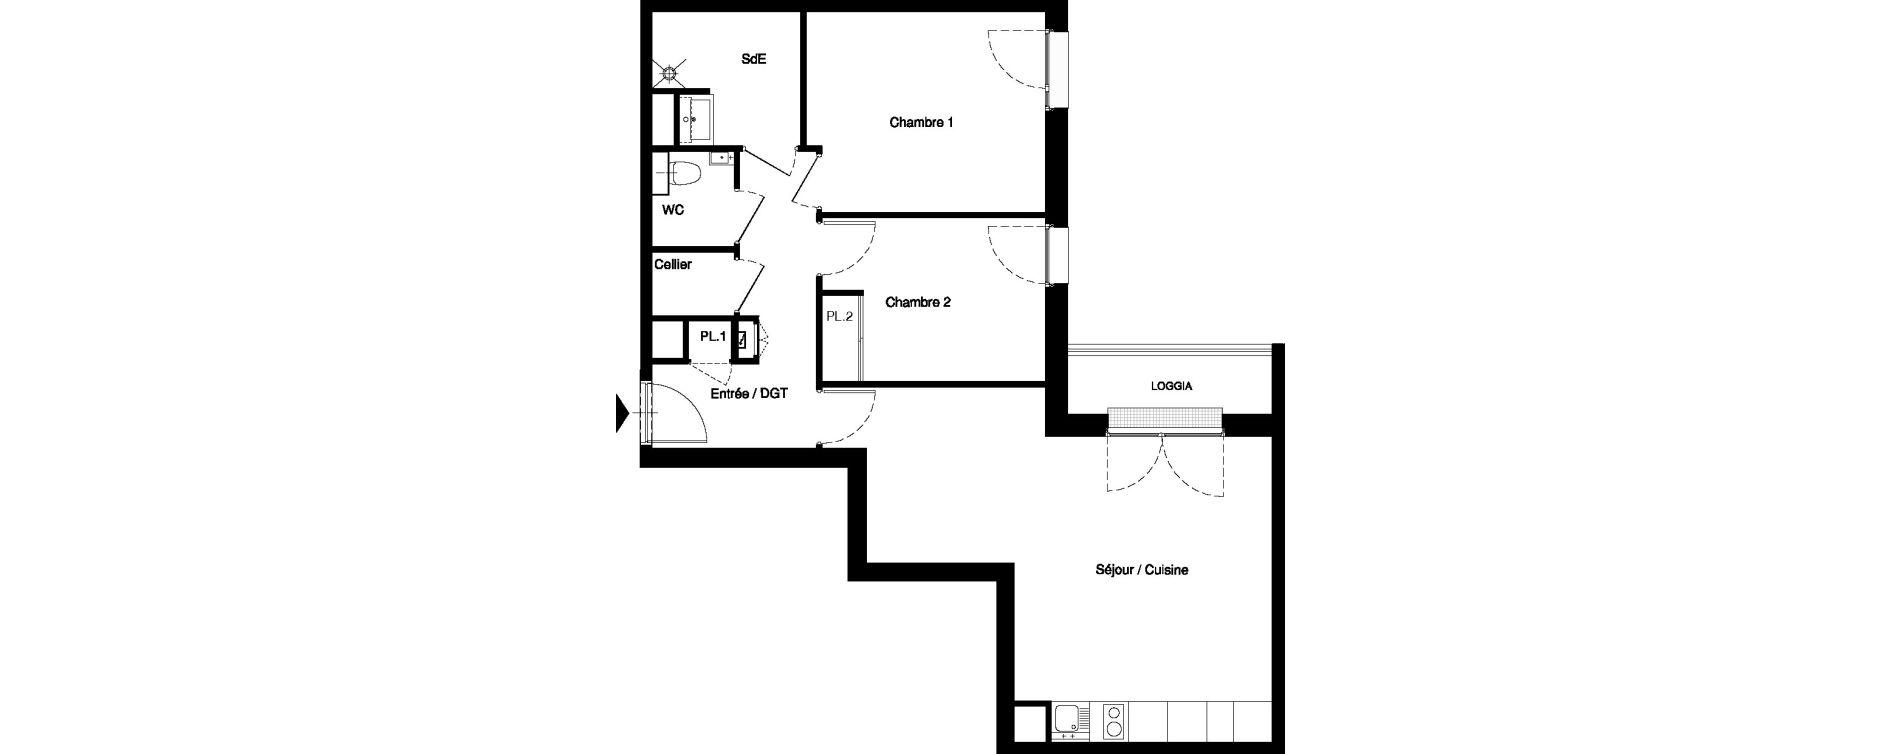 Appartement T3 meublé de 62,50 m2 à Nancy Rives de meurthe